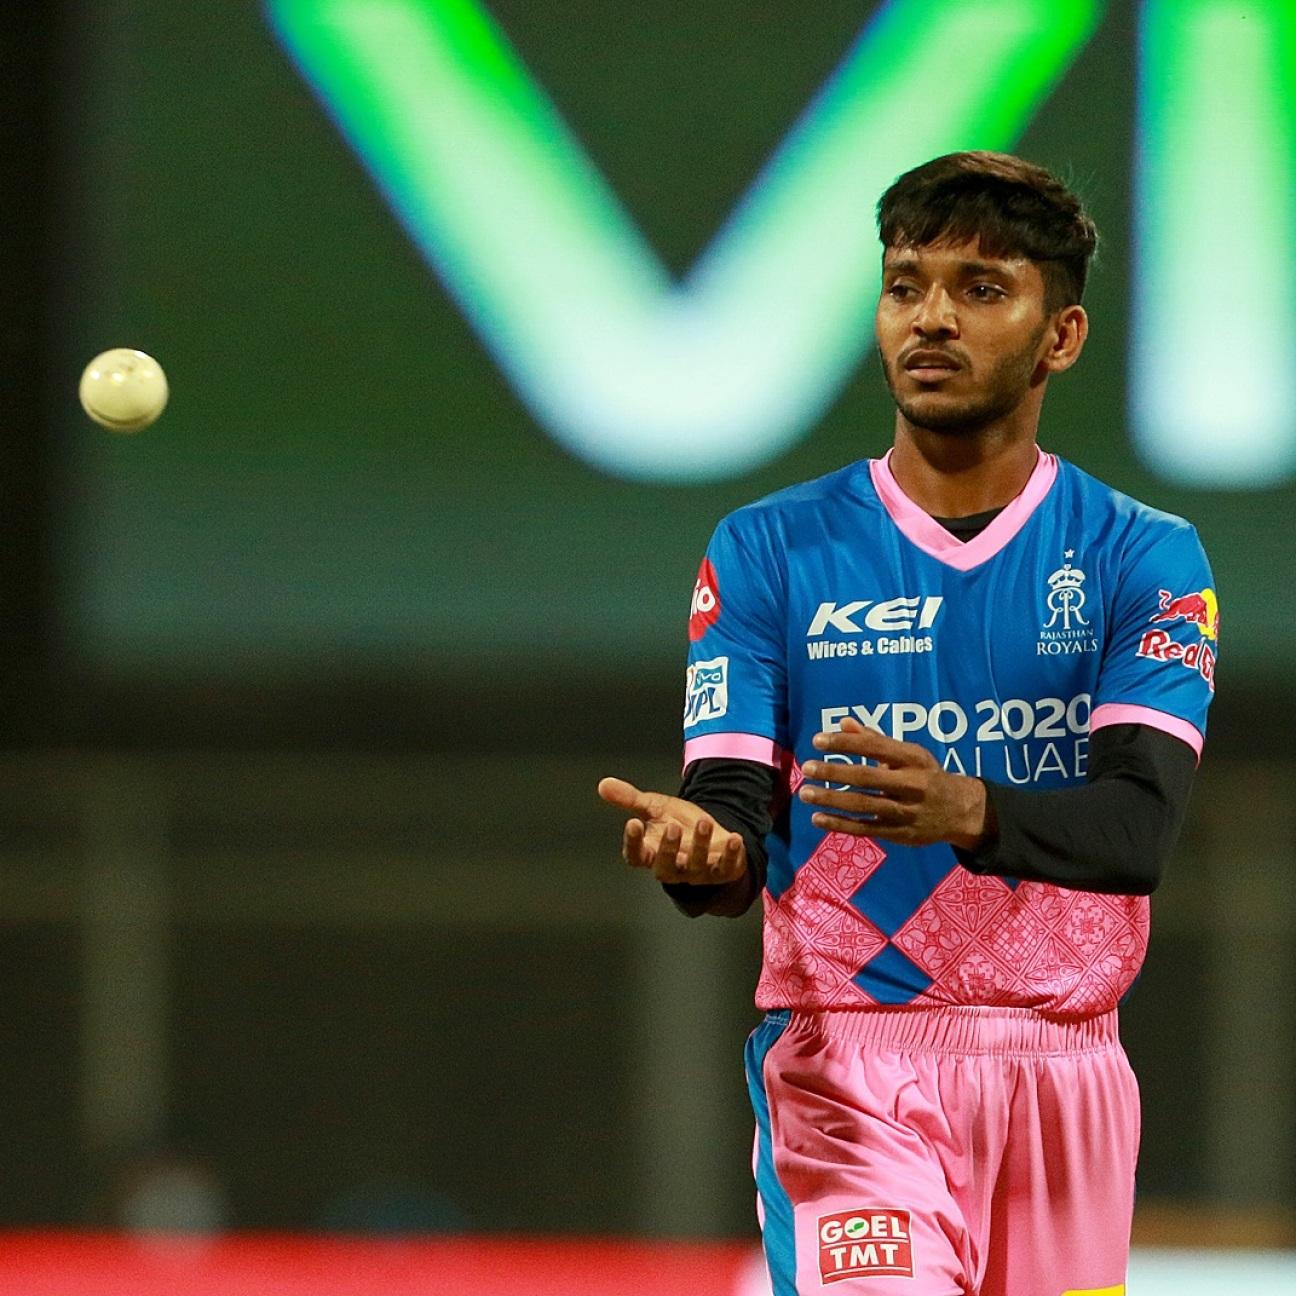 Rajasthan Royals vs Punjab Kings - IPL 2021 - Chetan Sakariya overcame  personal tragedy to make it to the IPL